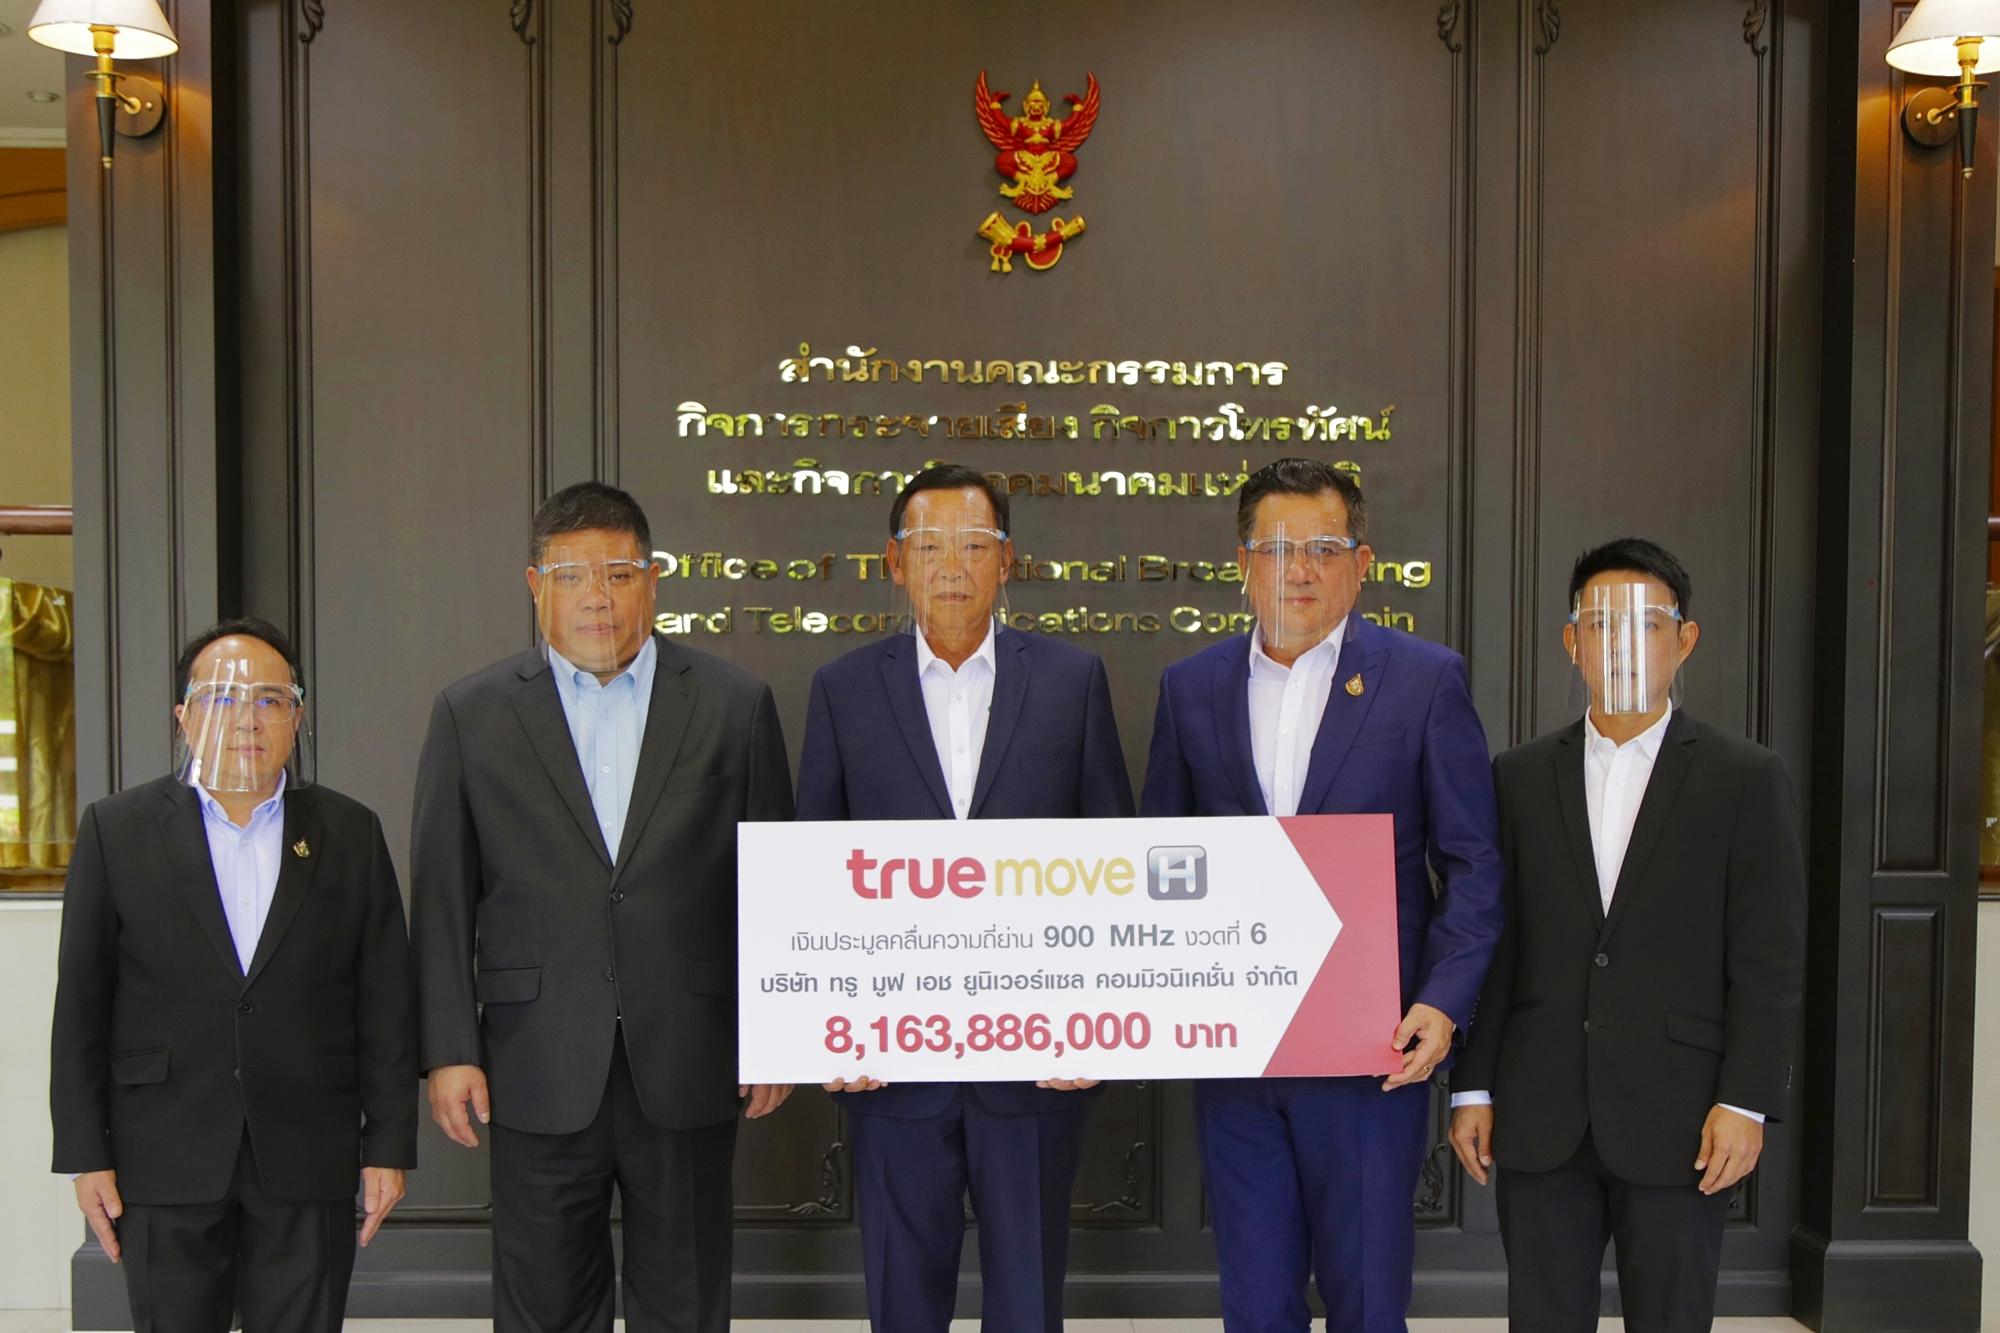 กลุ่มทรู ชำระเงินค่าประมูลคลื่นความถี่ 900 MHz งวดที่ 6 จำนวน 8,163.886 ล้านบาท